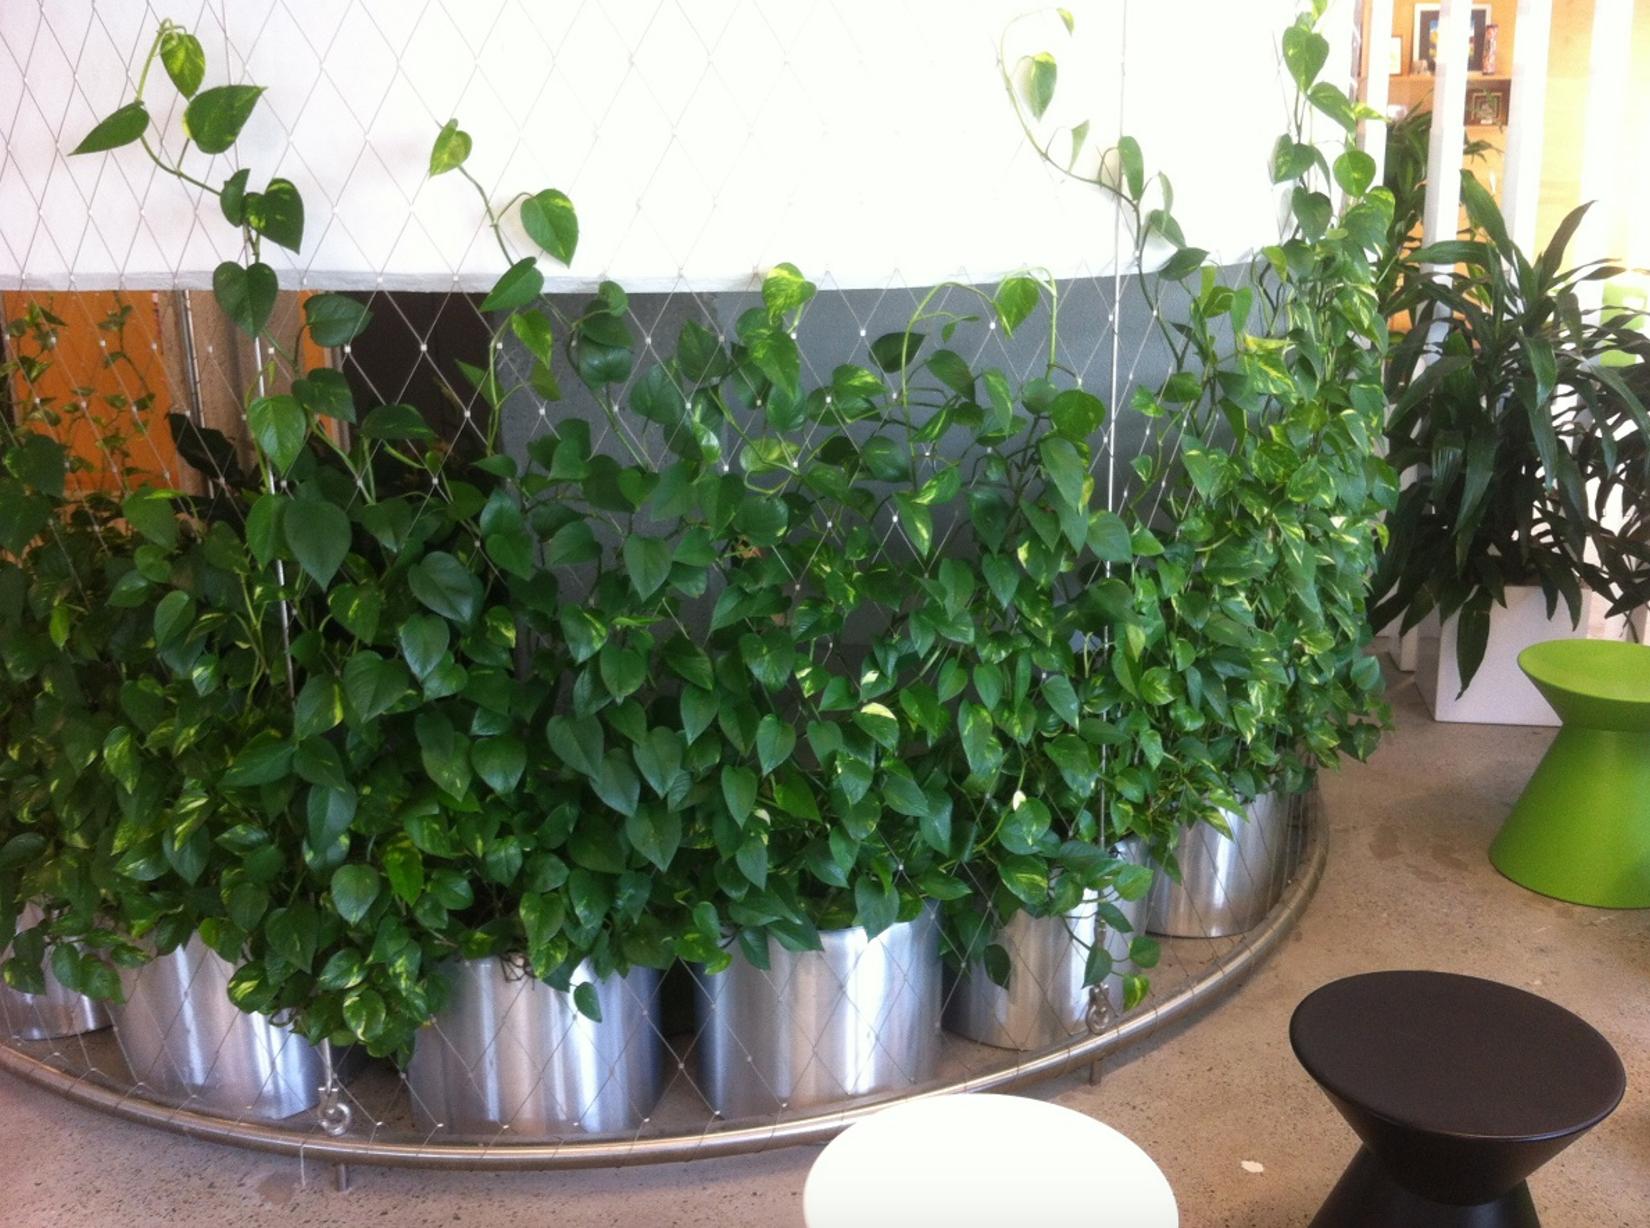 Indoor plant hire Brisbane lush creeping vines